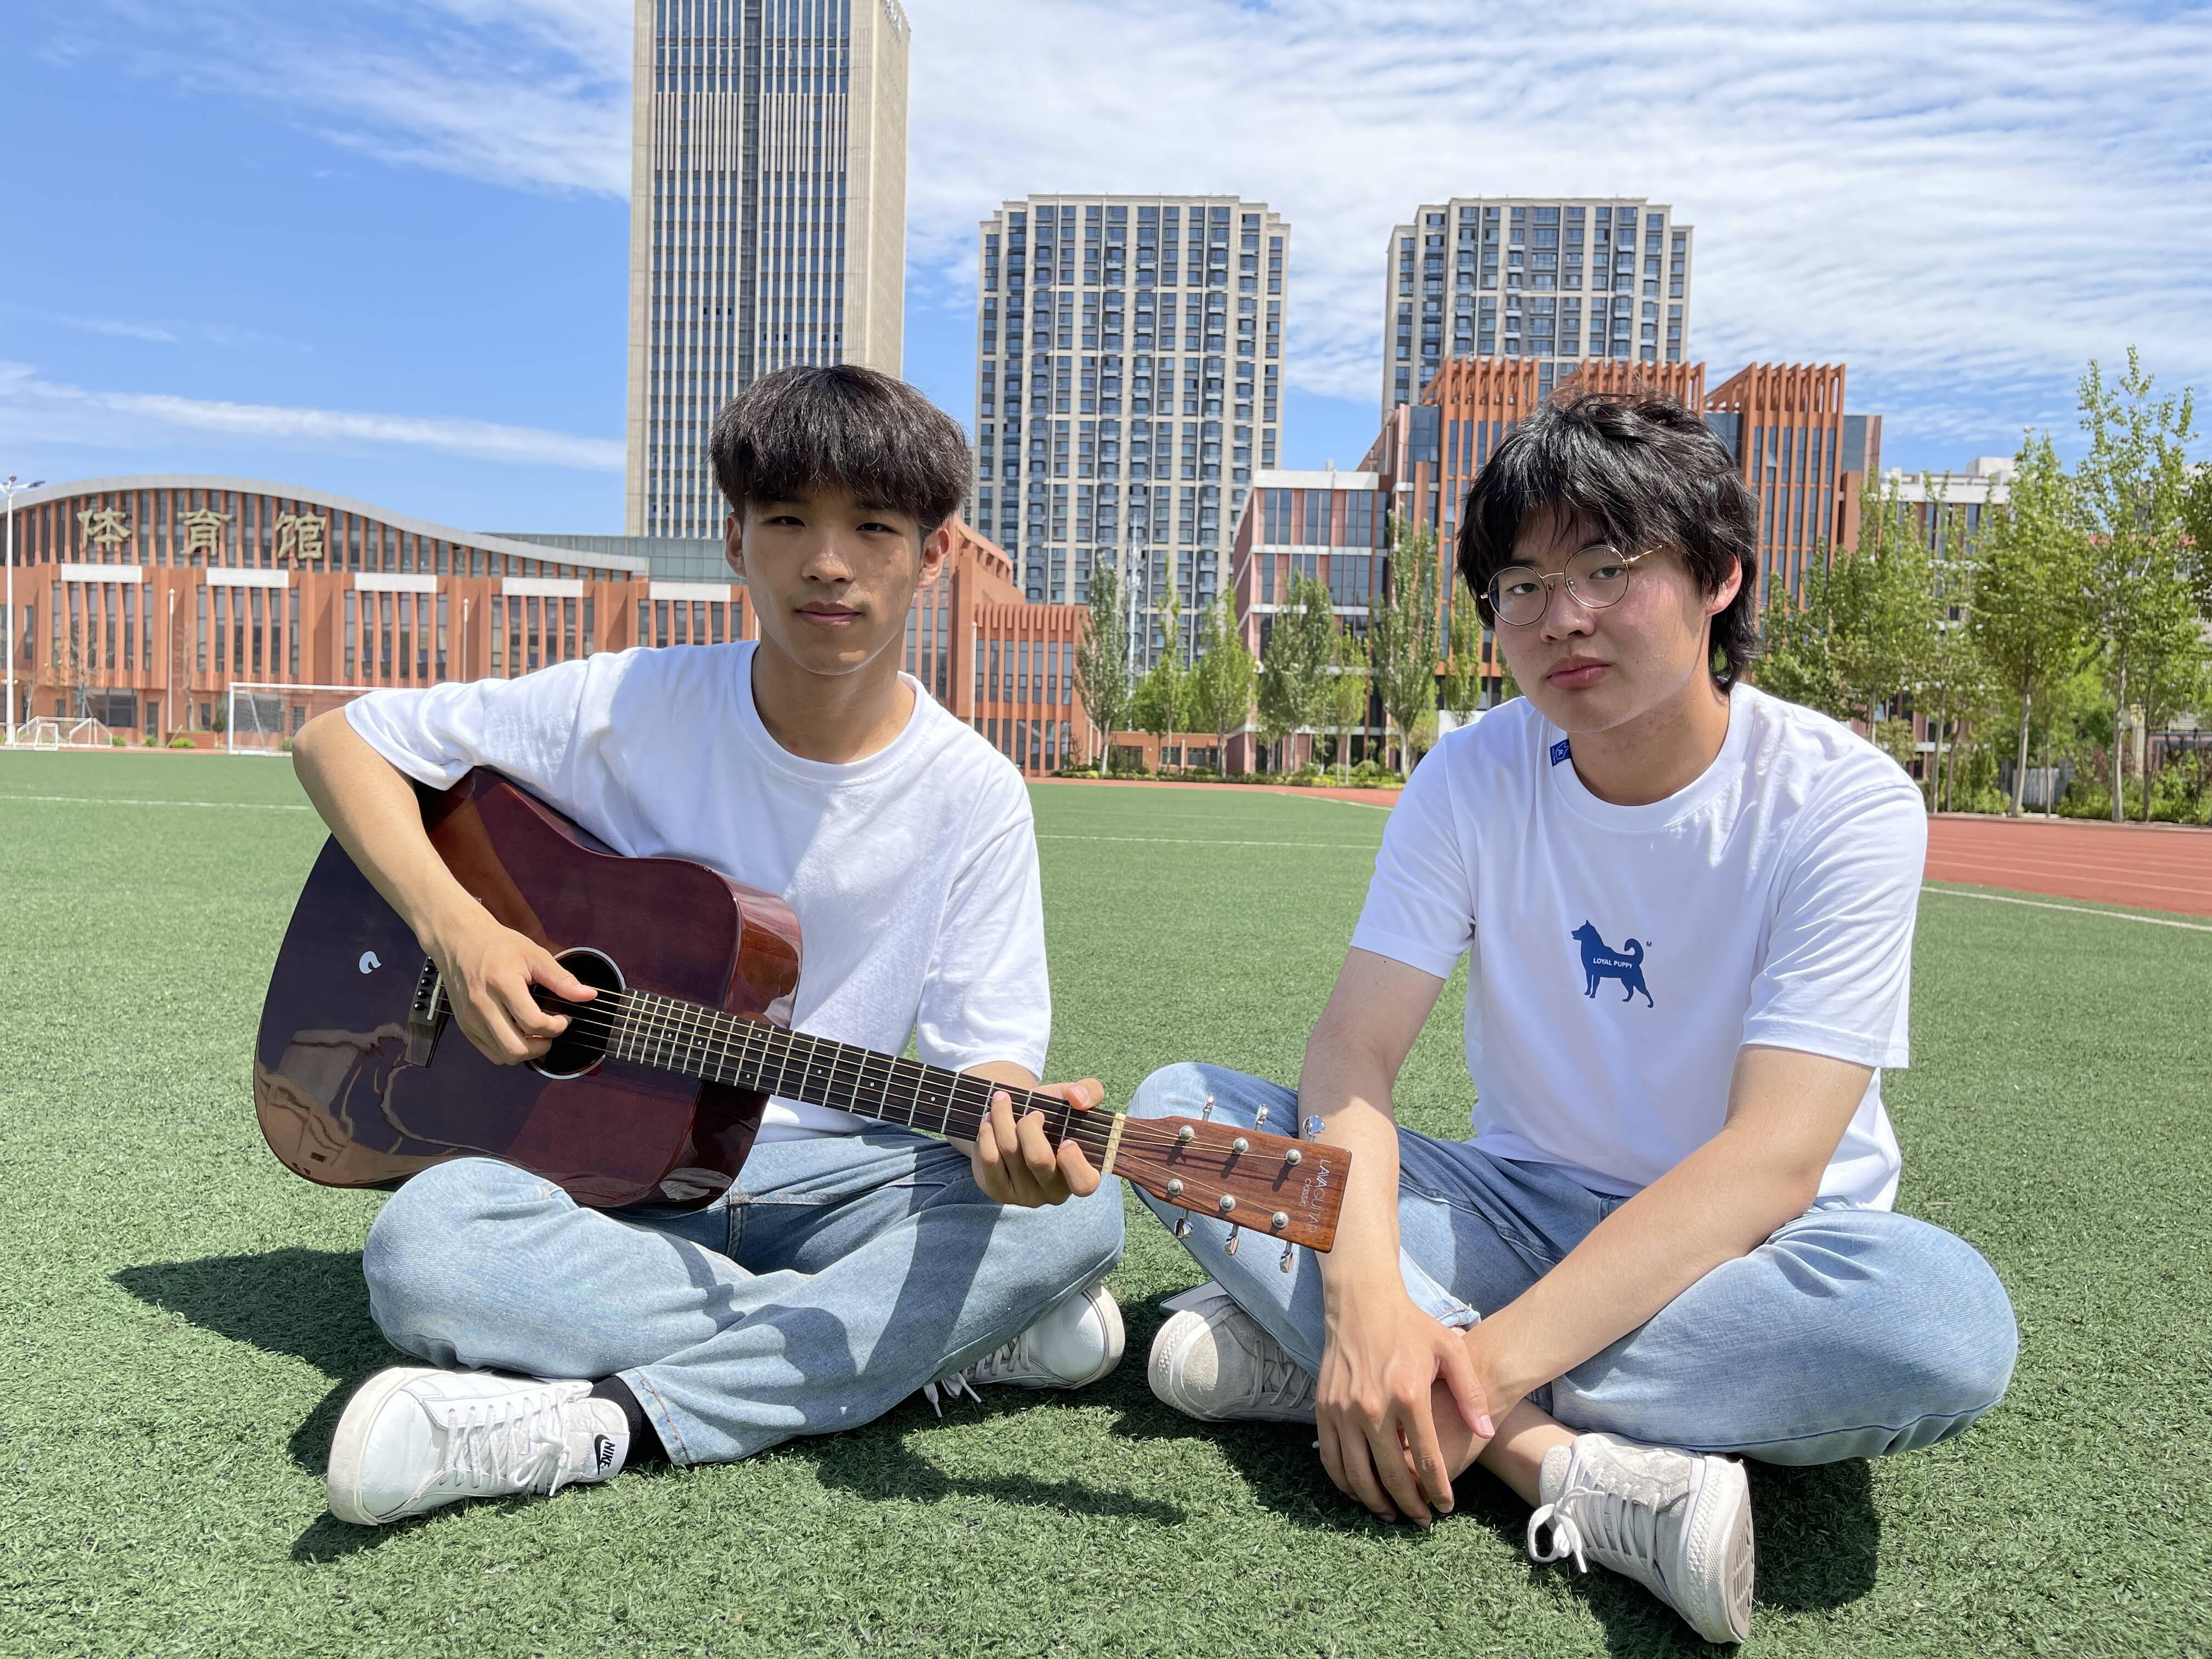 好听!德州高中生原创毕业歌曲《二一年花开》,纪念校园生活记录美好青春